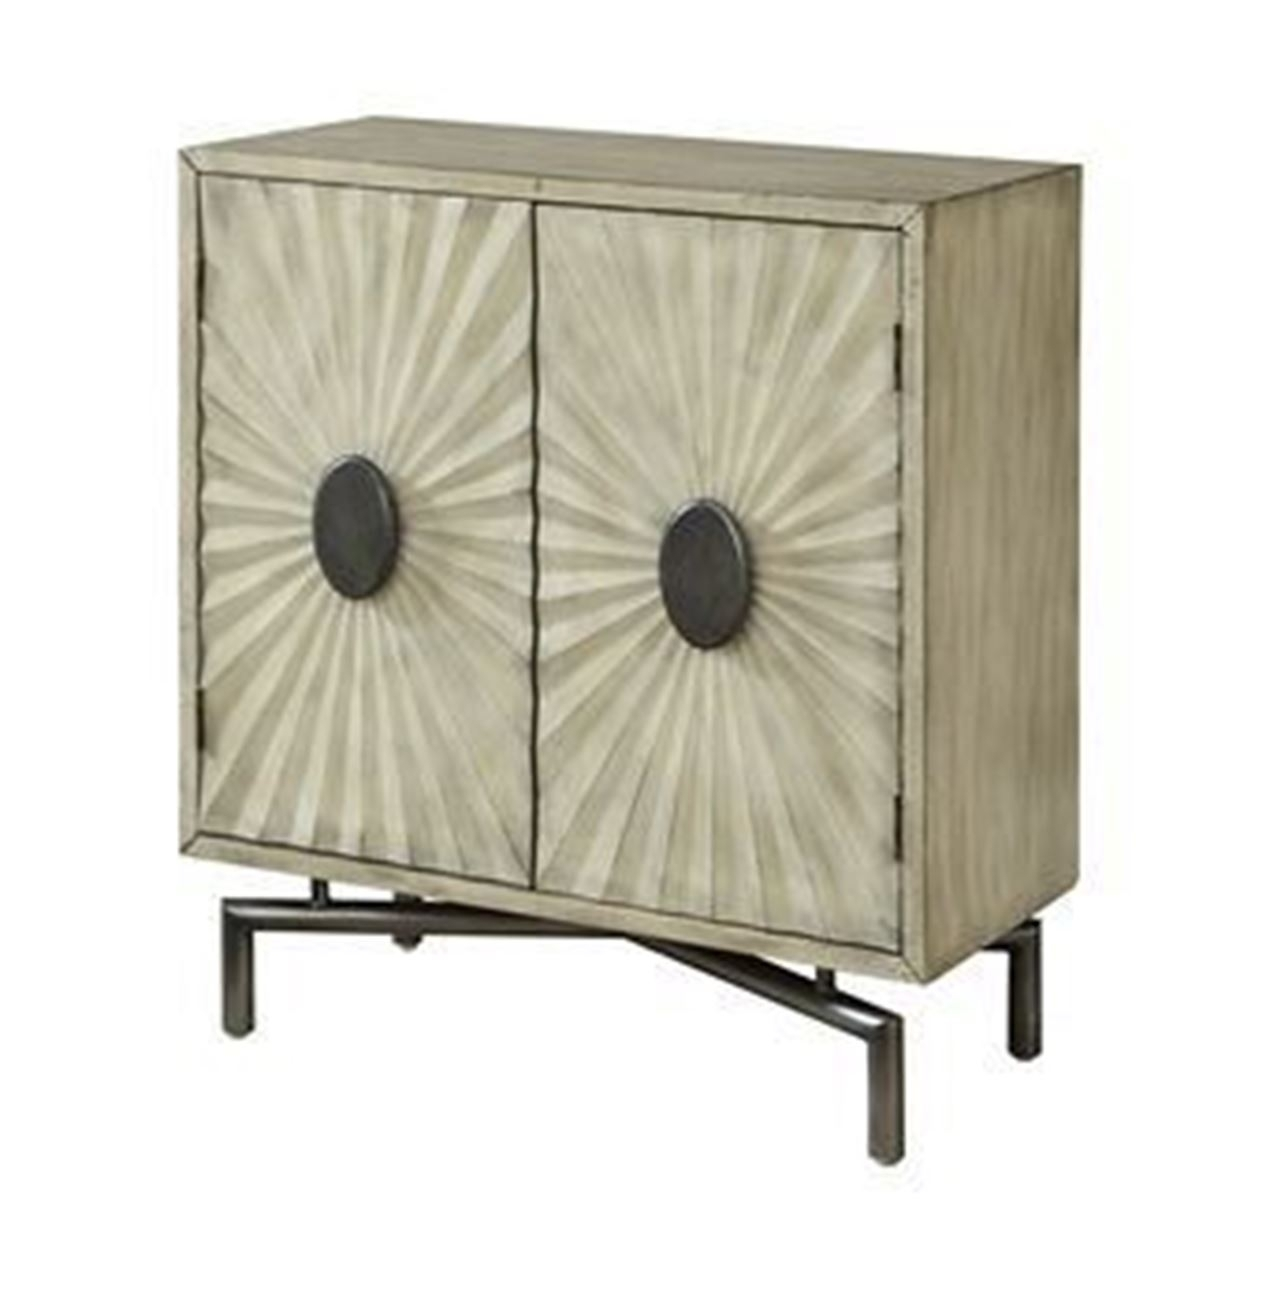 Dayton Cream 2 Door Cabinet - Woodstock Furniture & Mattress with Starburst 3 Door Sideboards (Image 12 of 30)